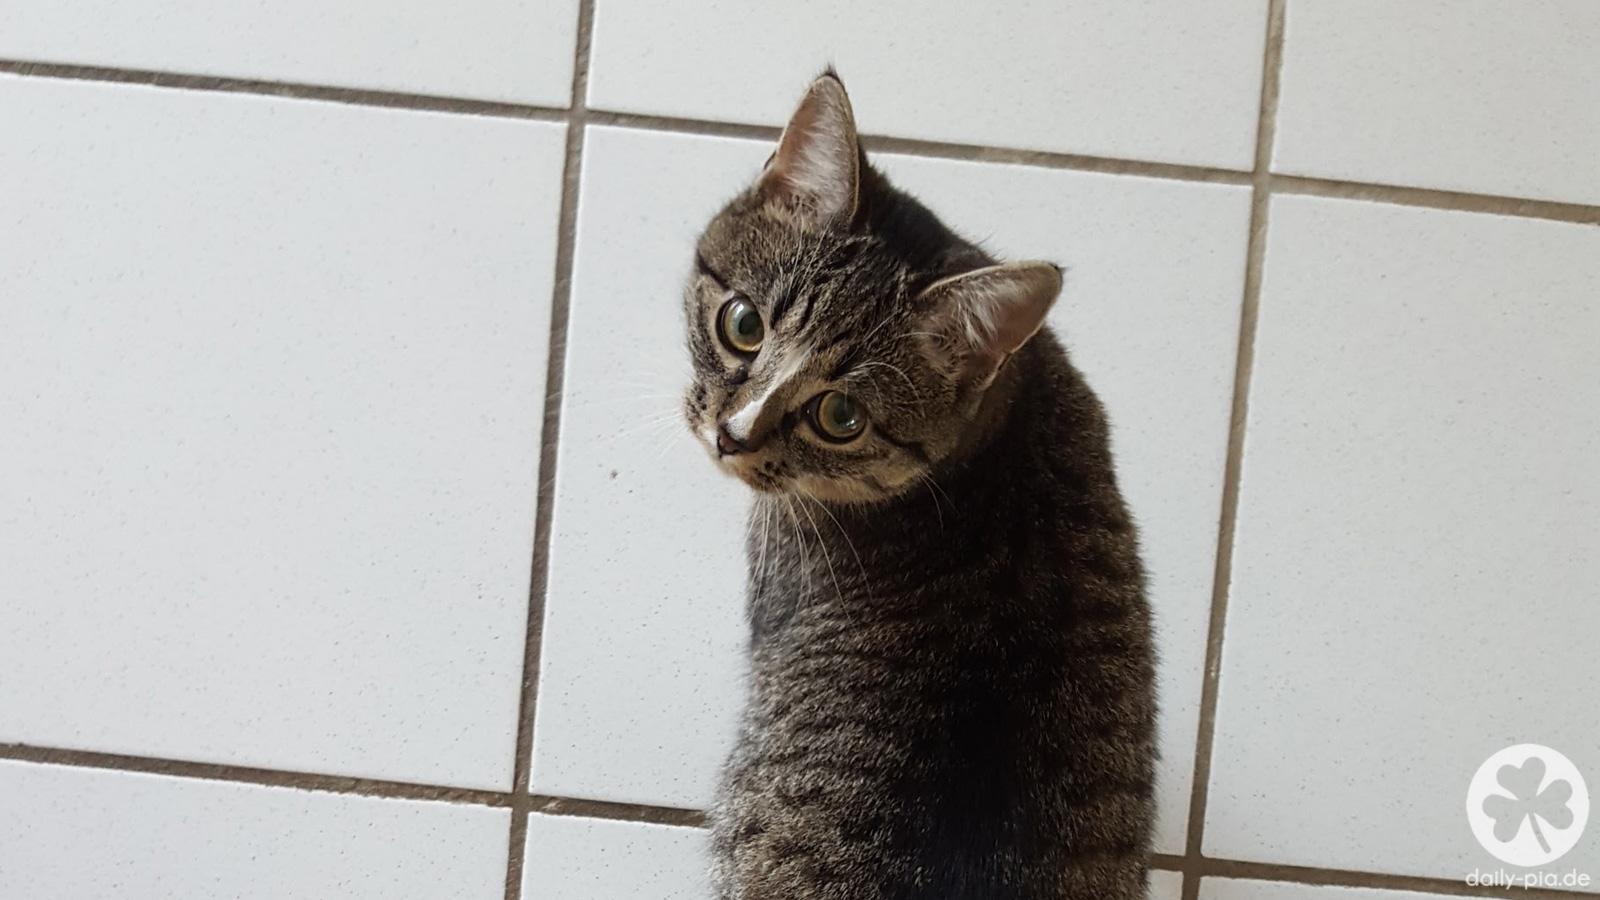 Tierarztbesuch und Katzen-Update